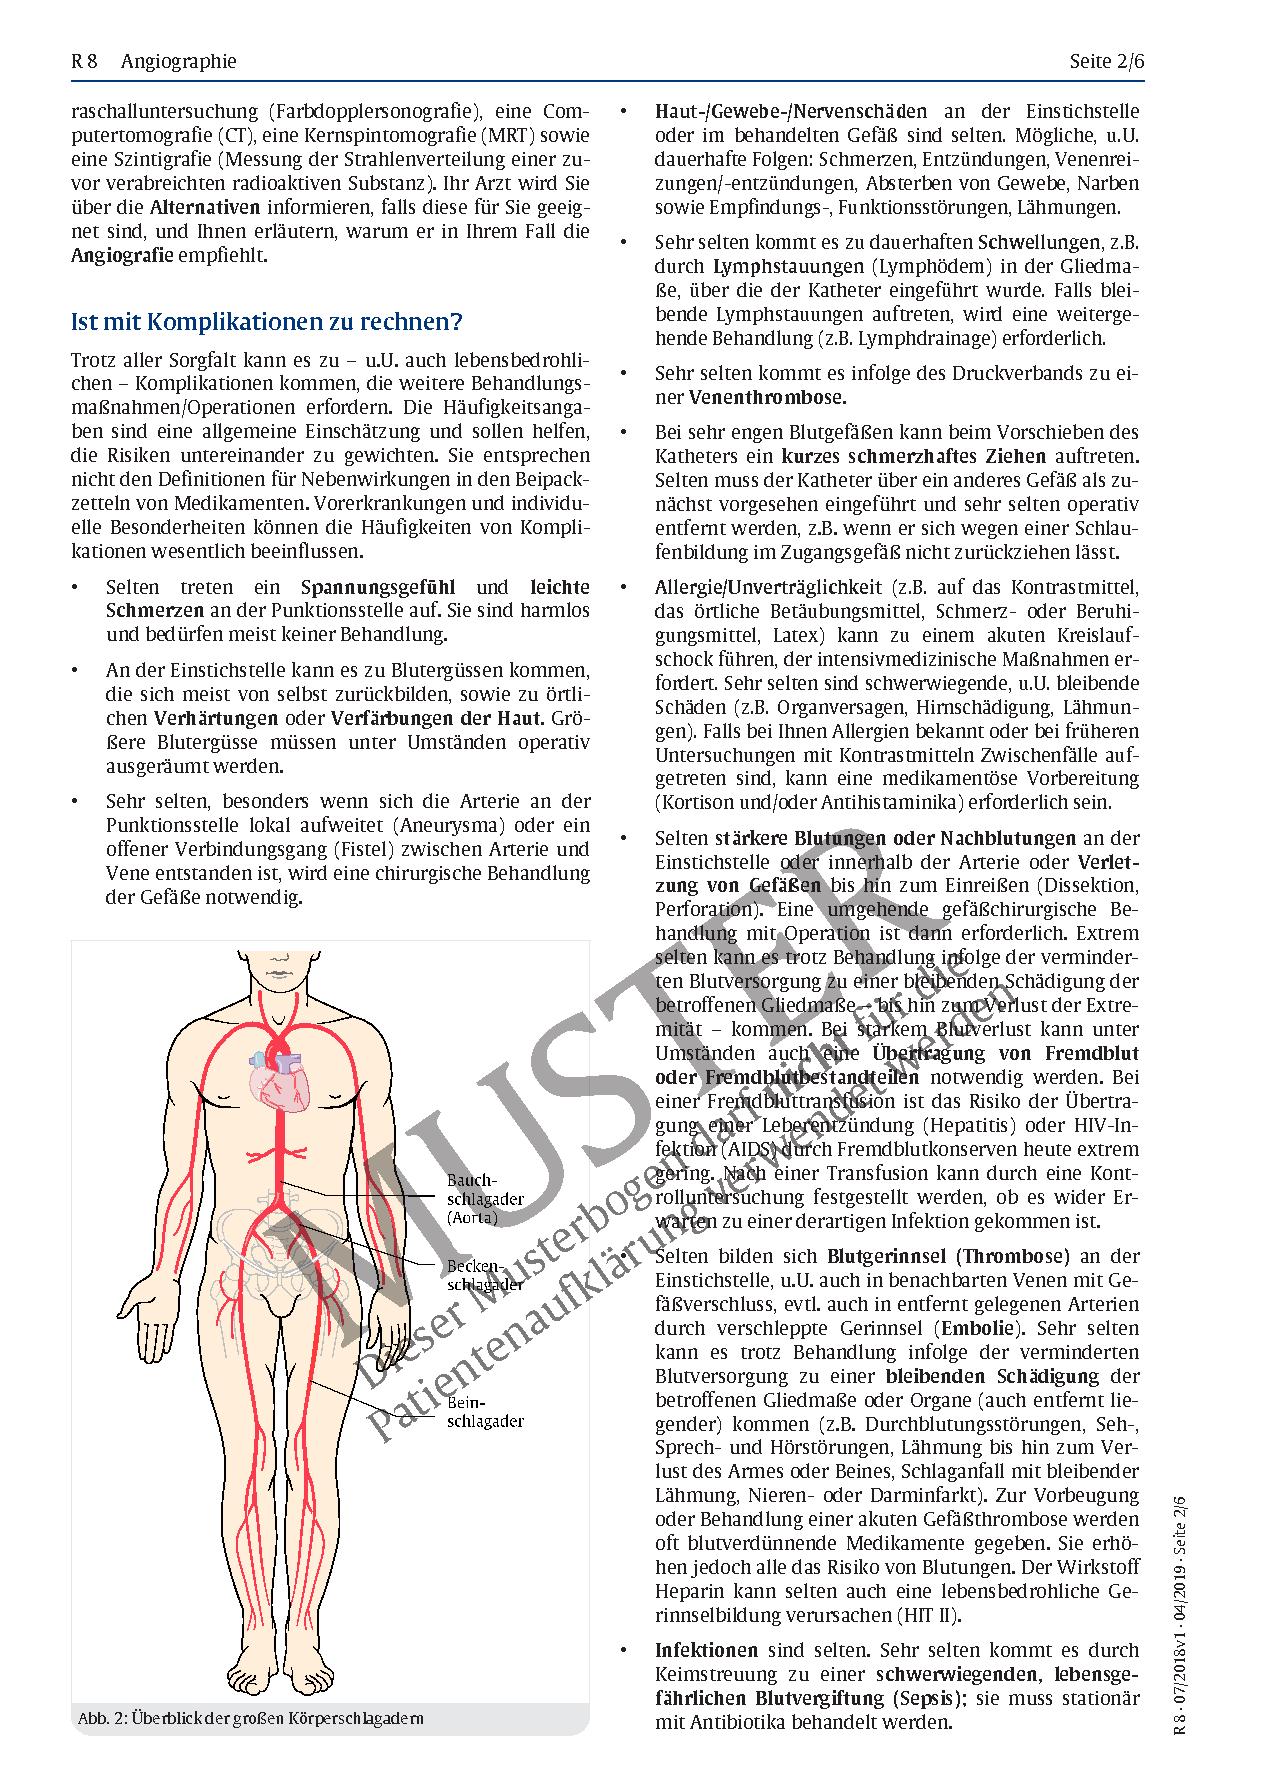 Schön Anatomie Der Blutgefäße Venen Galerie - Anatomie Ideen ...